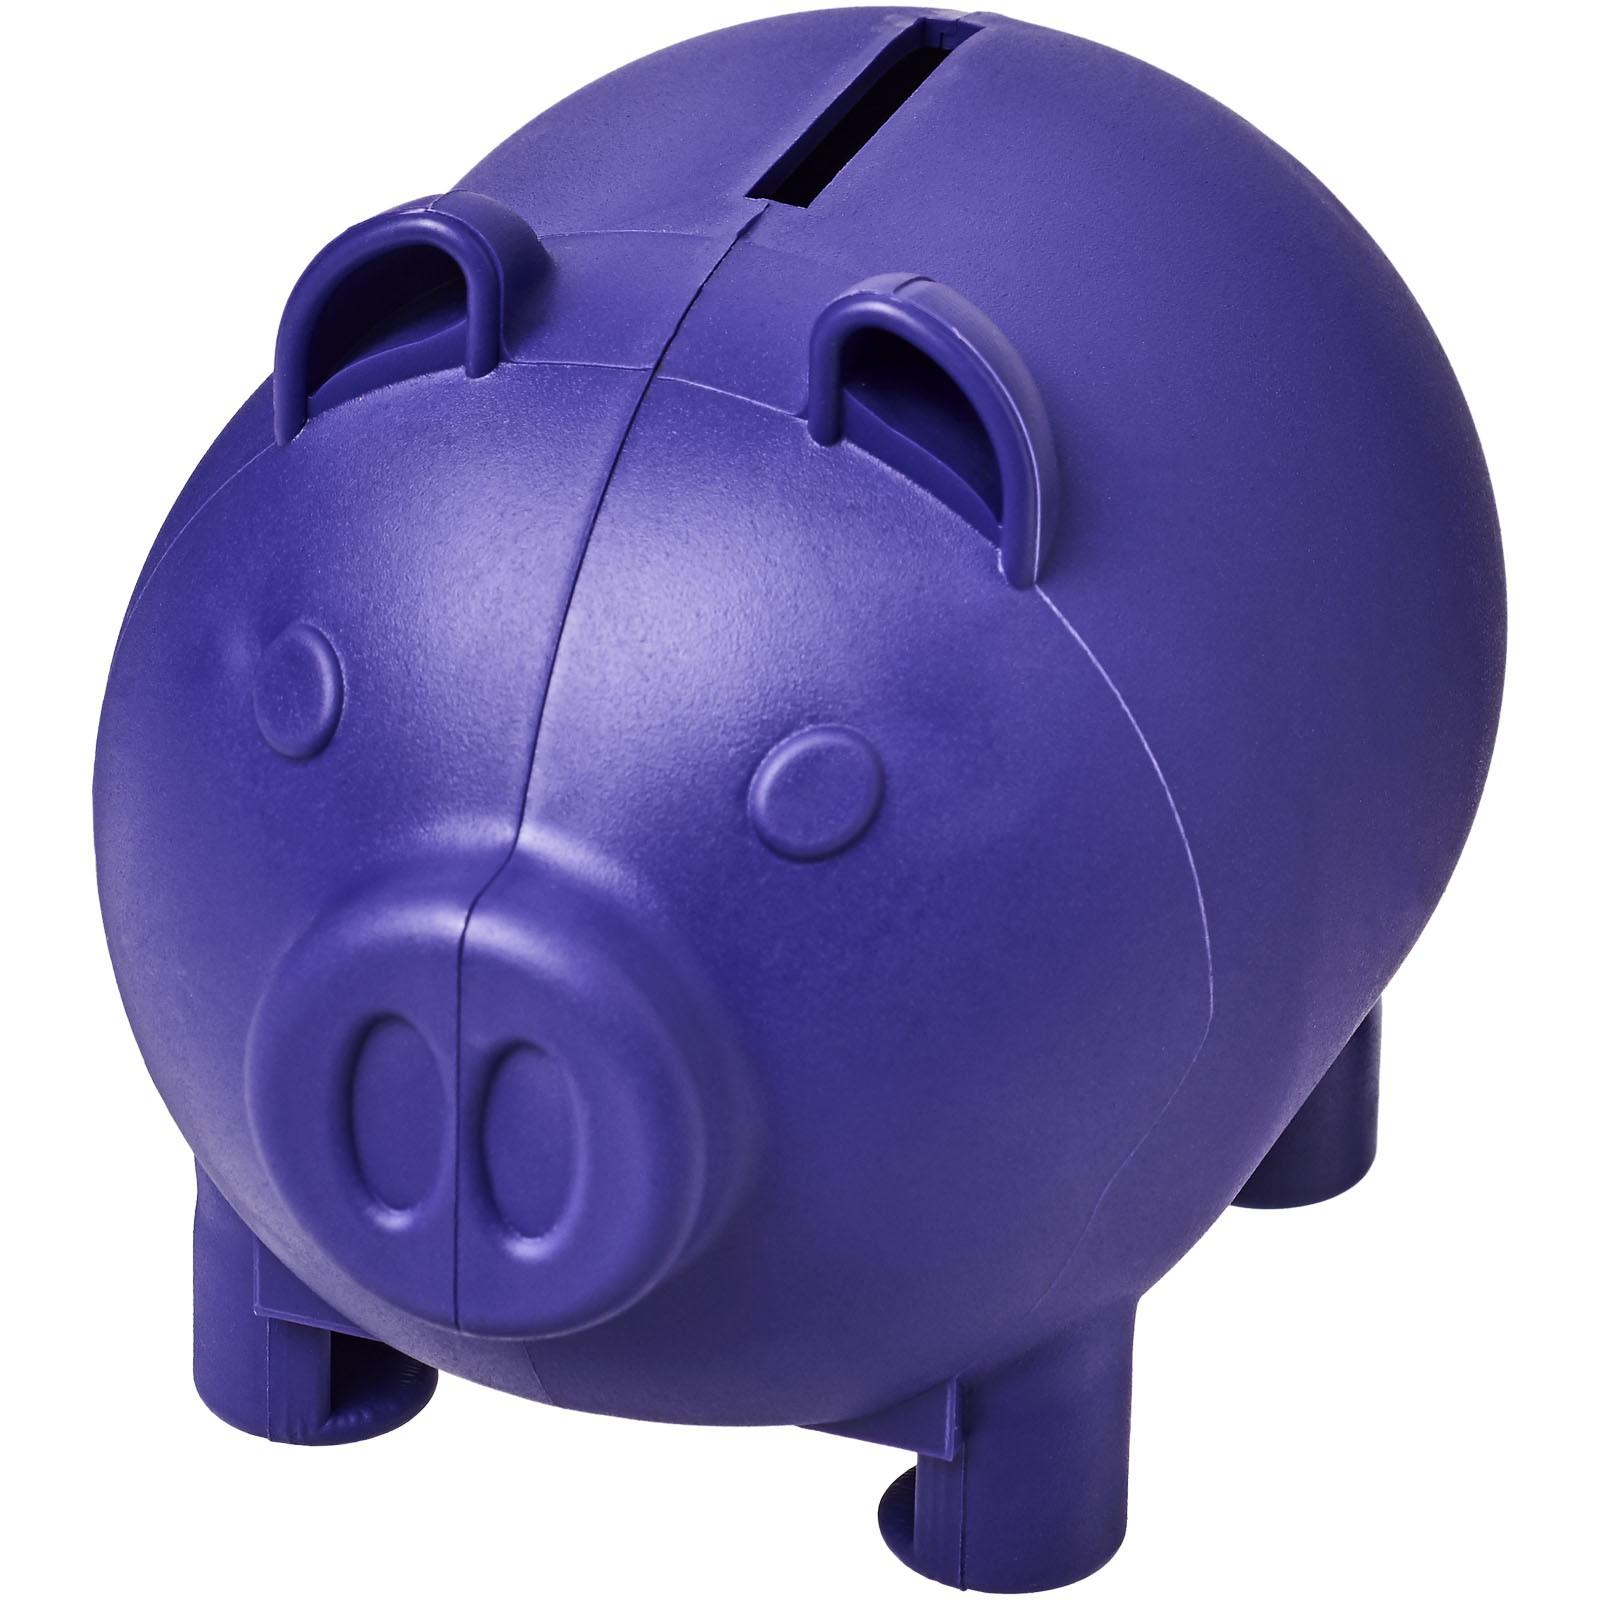 Malé prasátko na peníze Oink - Purpurová